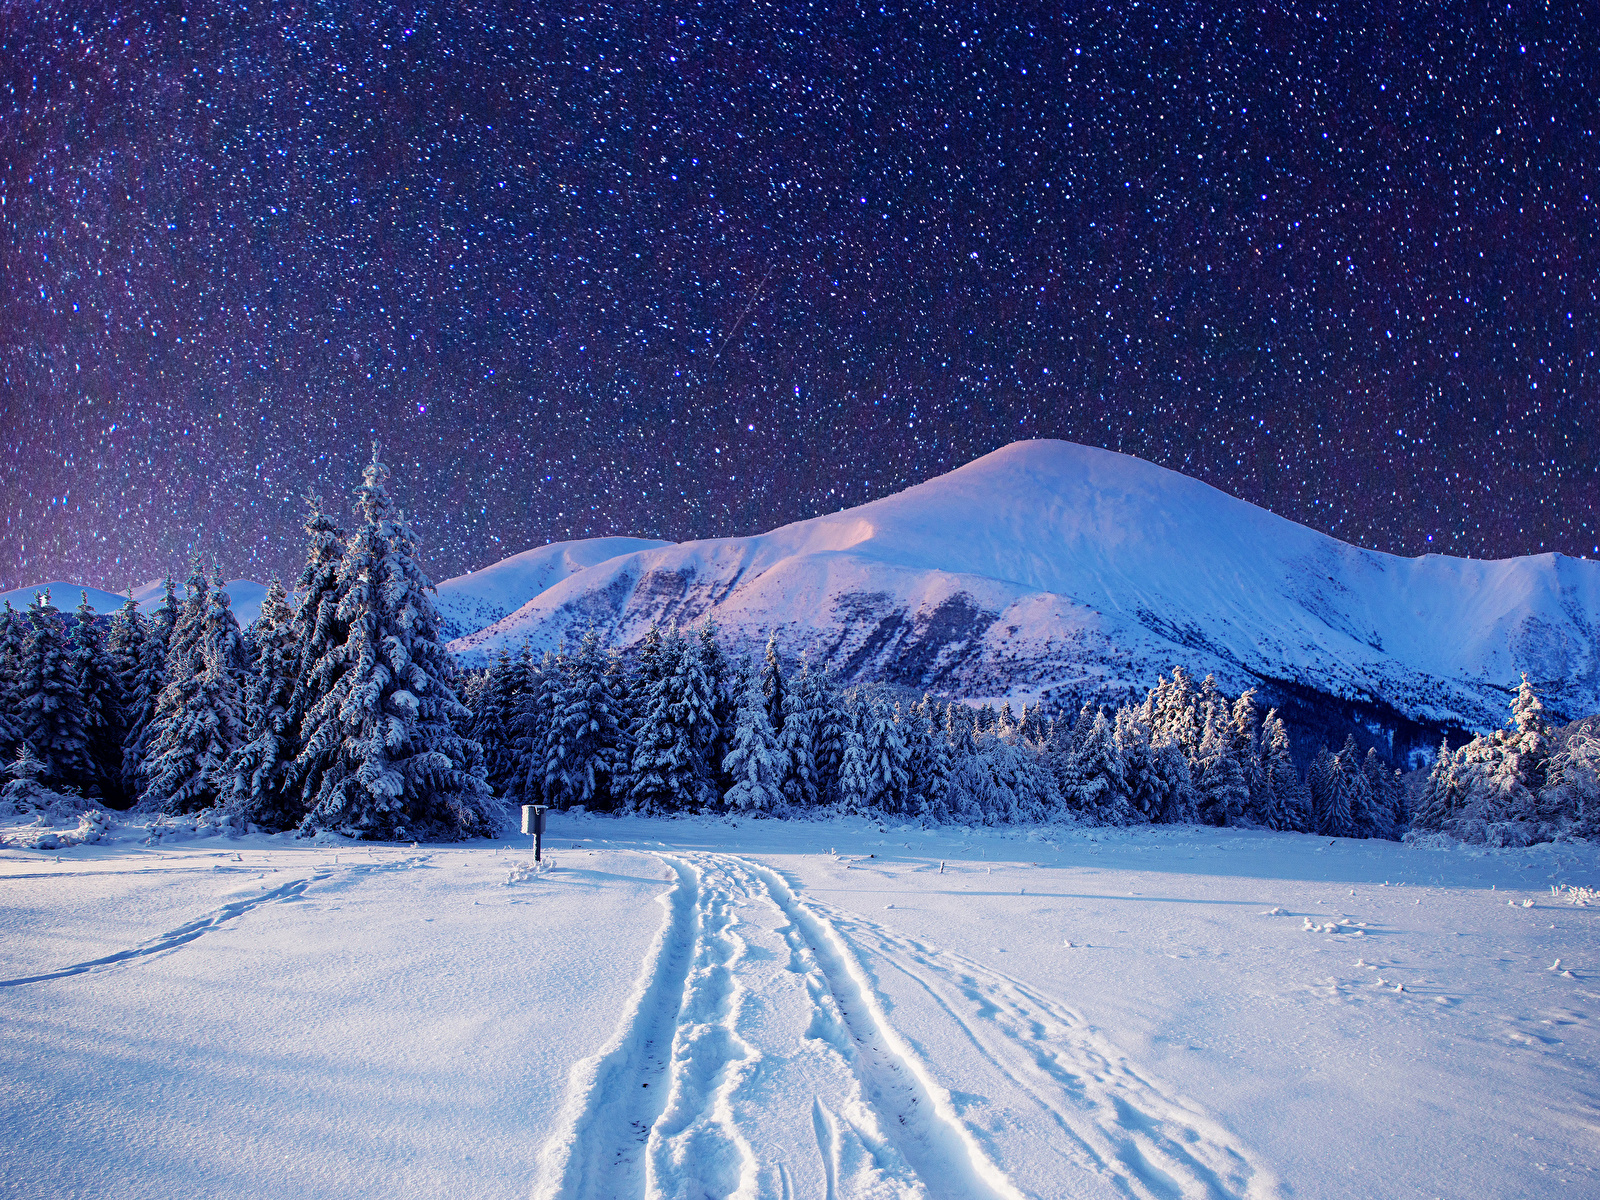 Fonds d'ecran 1600x1200 Saison Hiver Montagnes Forêts Ciel Étoile ...